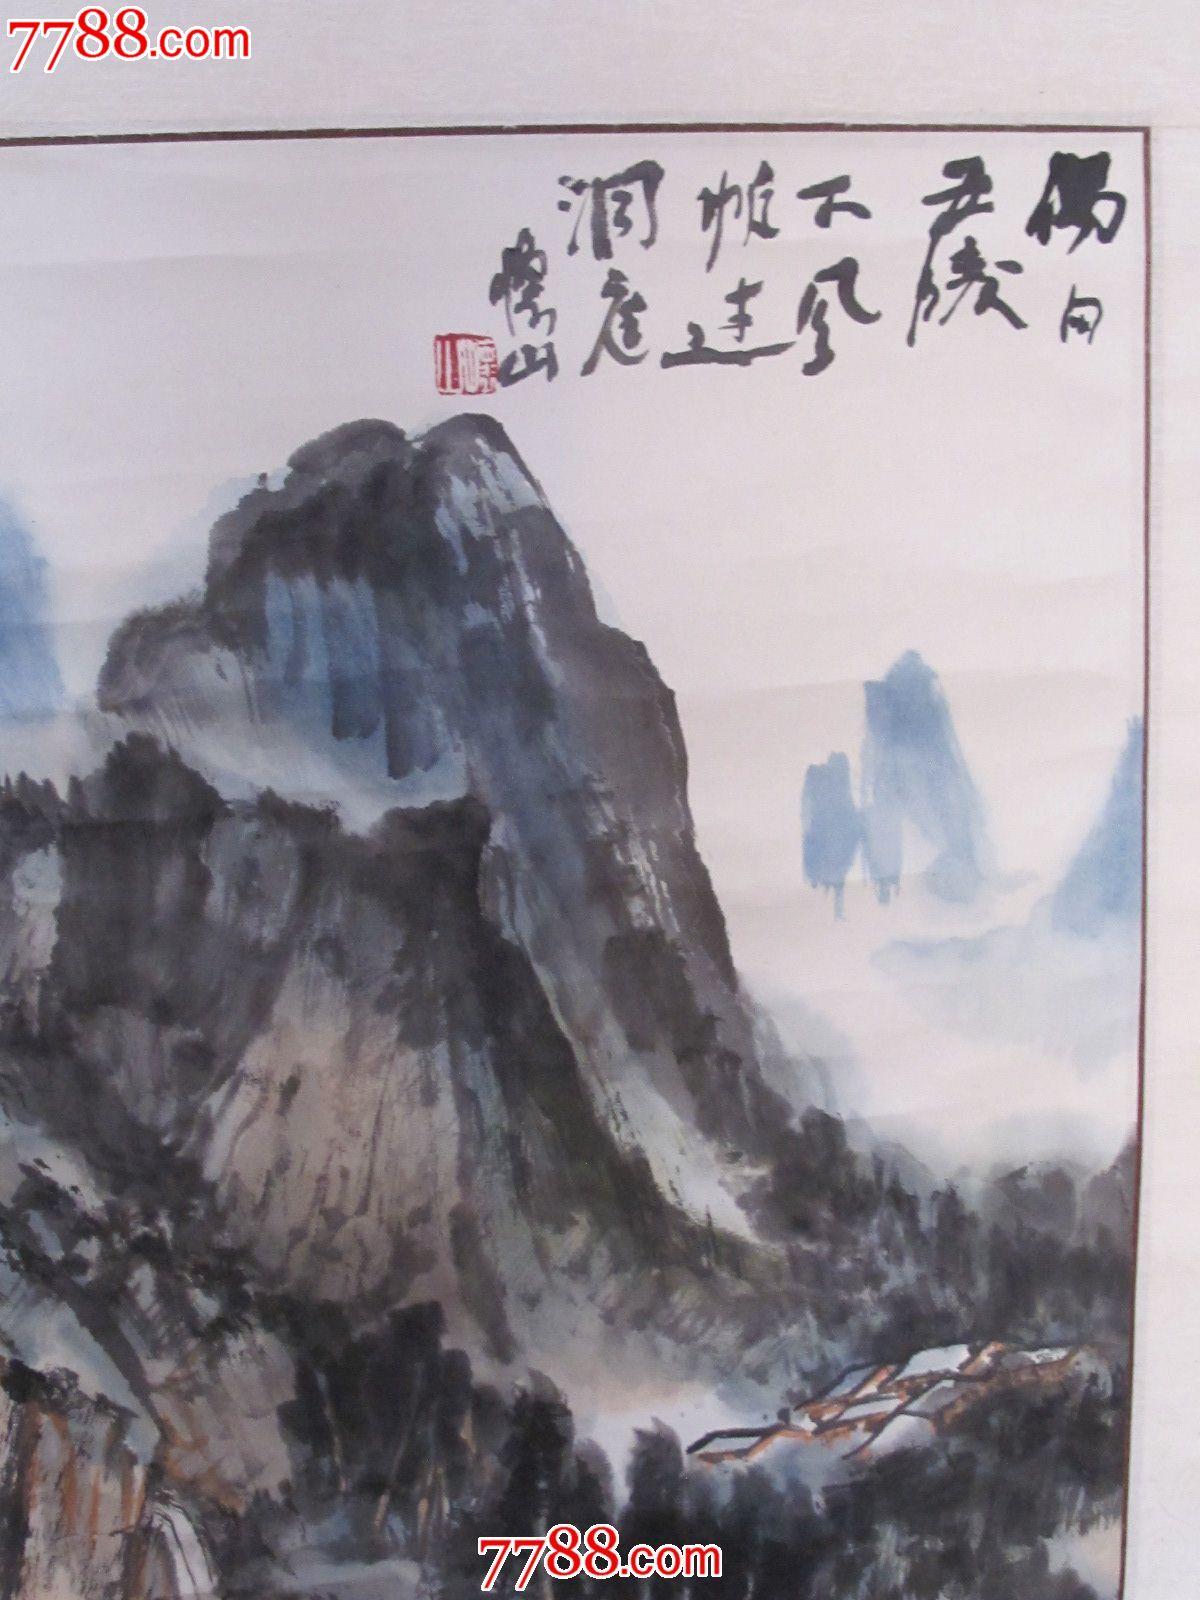 画家刘怀山(刘棣)《山水画》作品(画芯尺寸47*69)